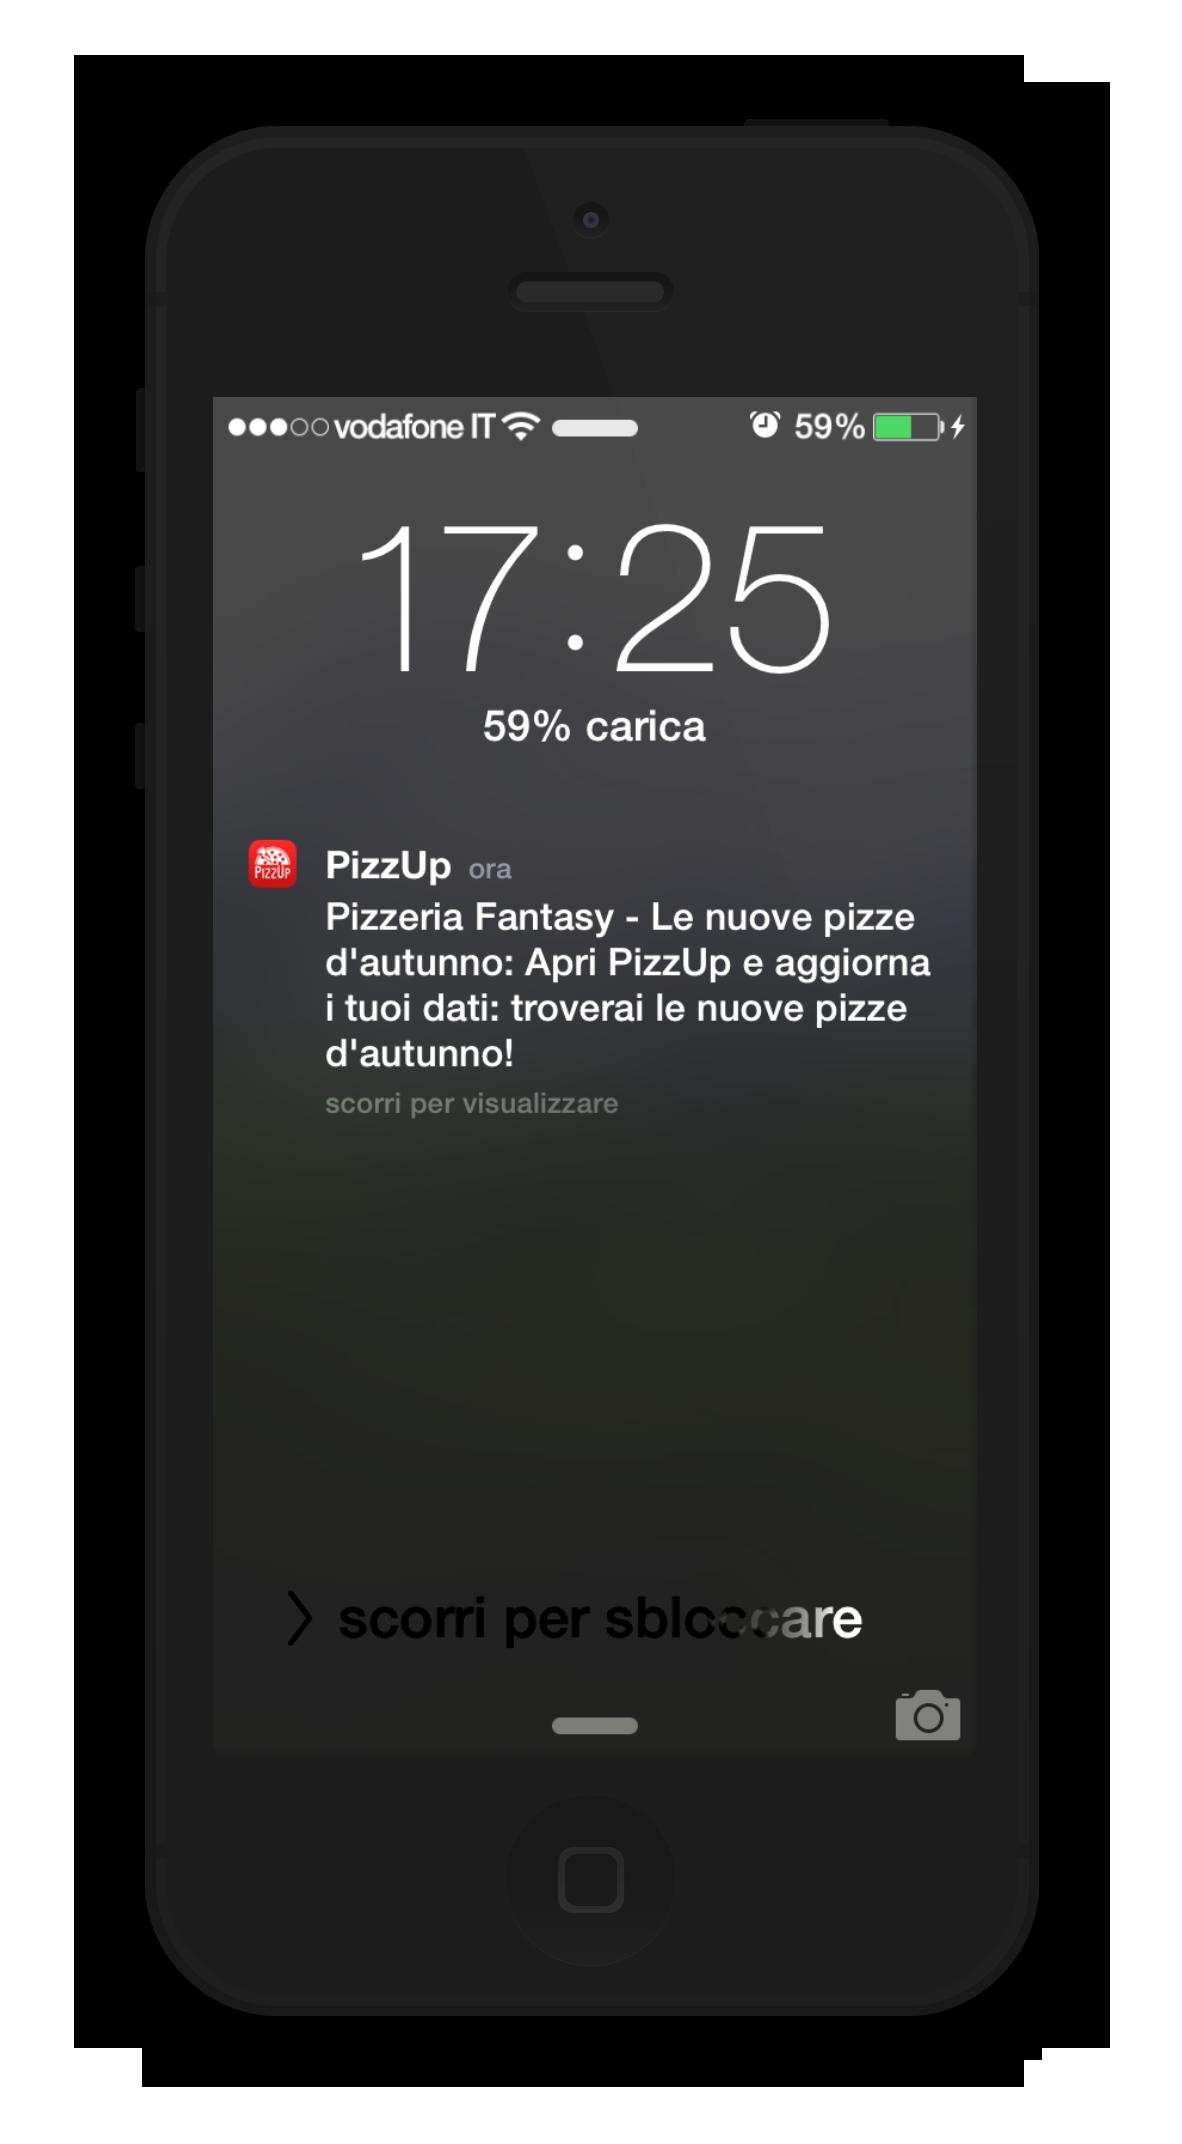 notifiche-push-pizzup1